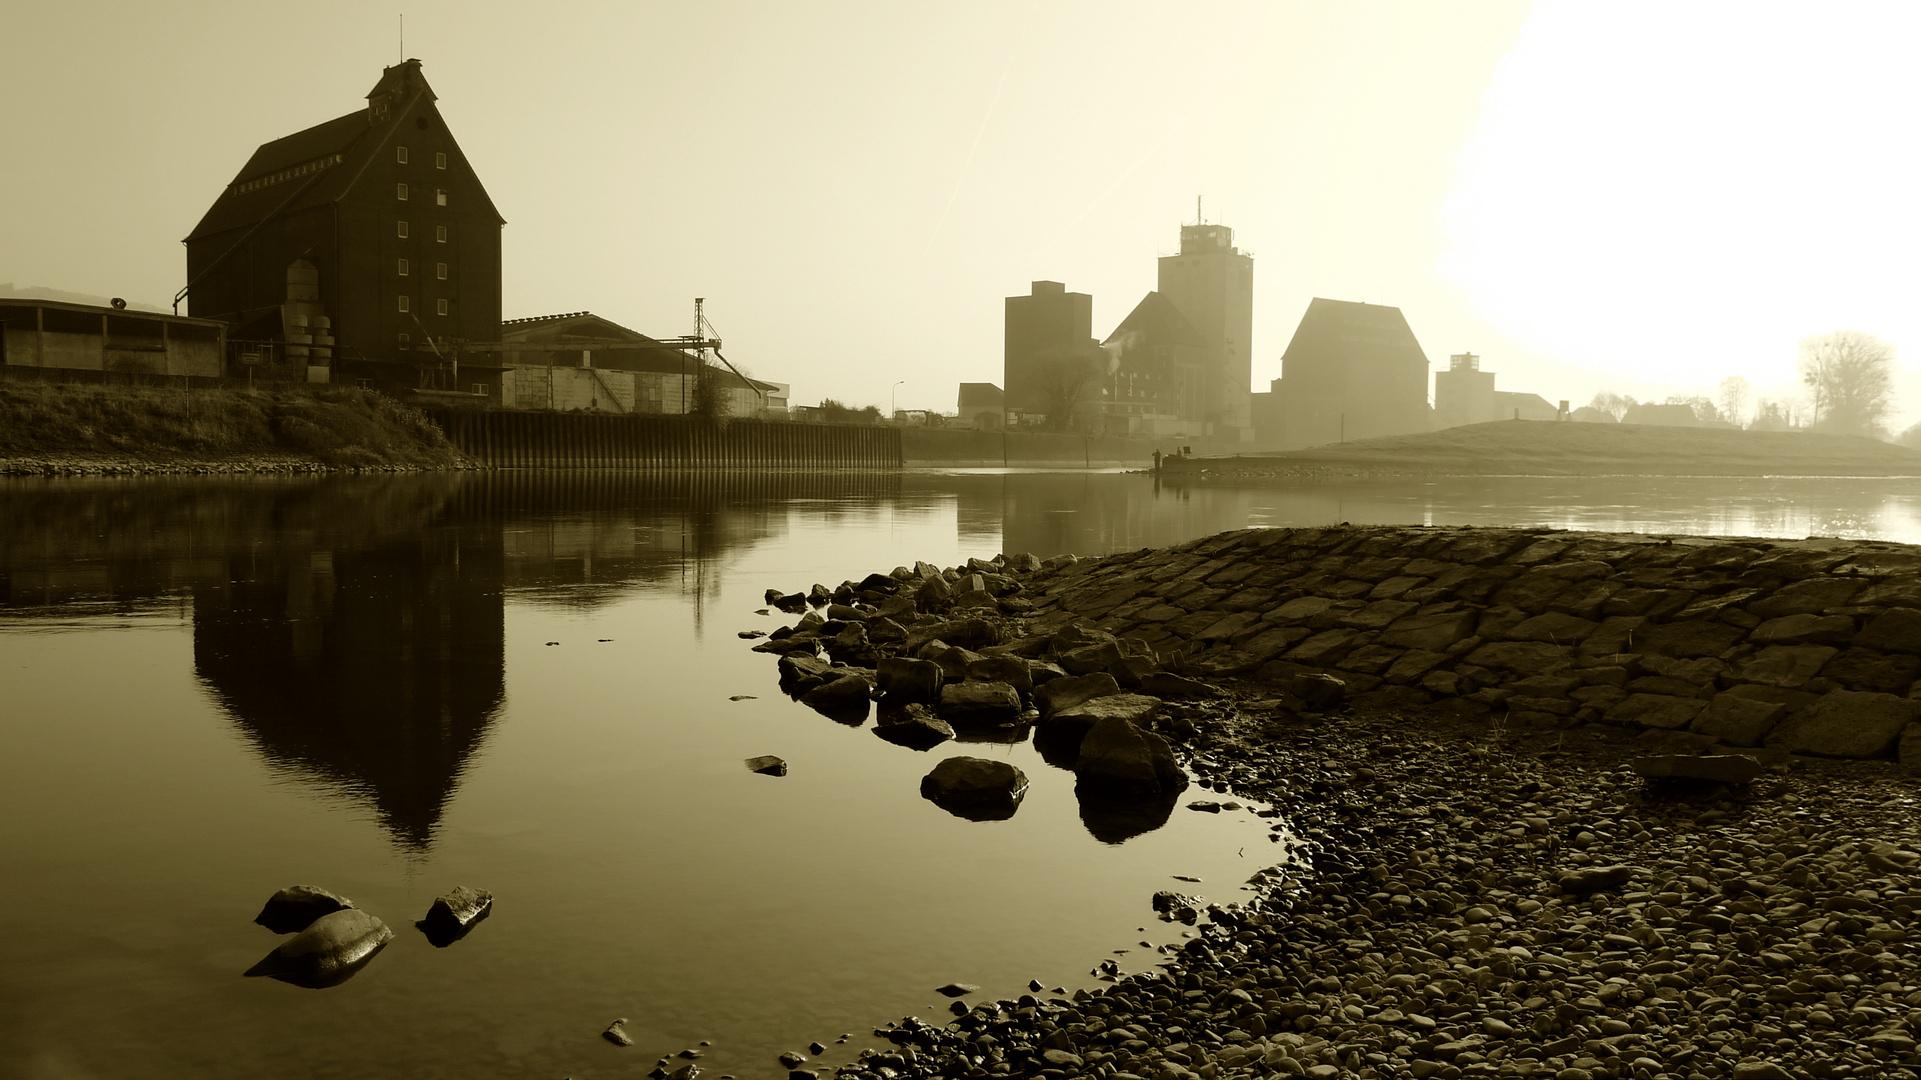 Industrie unten am Fluß